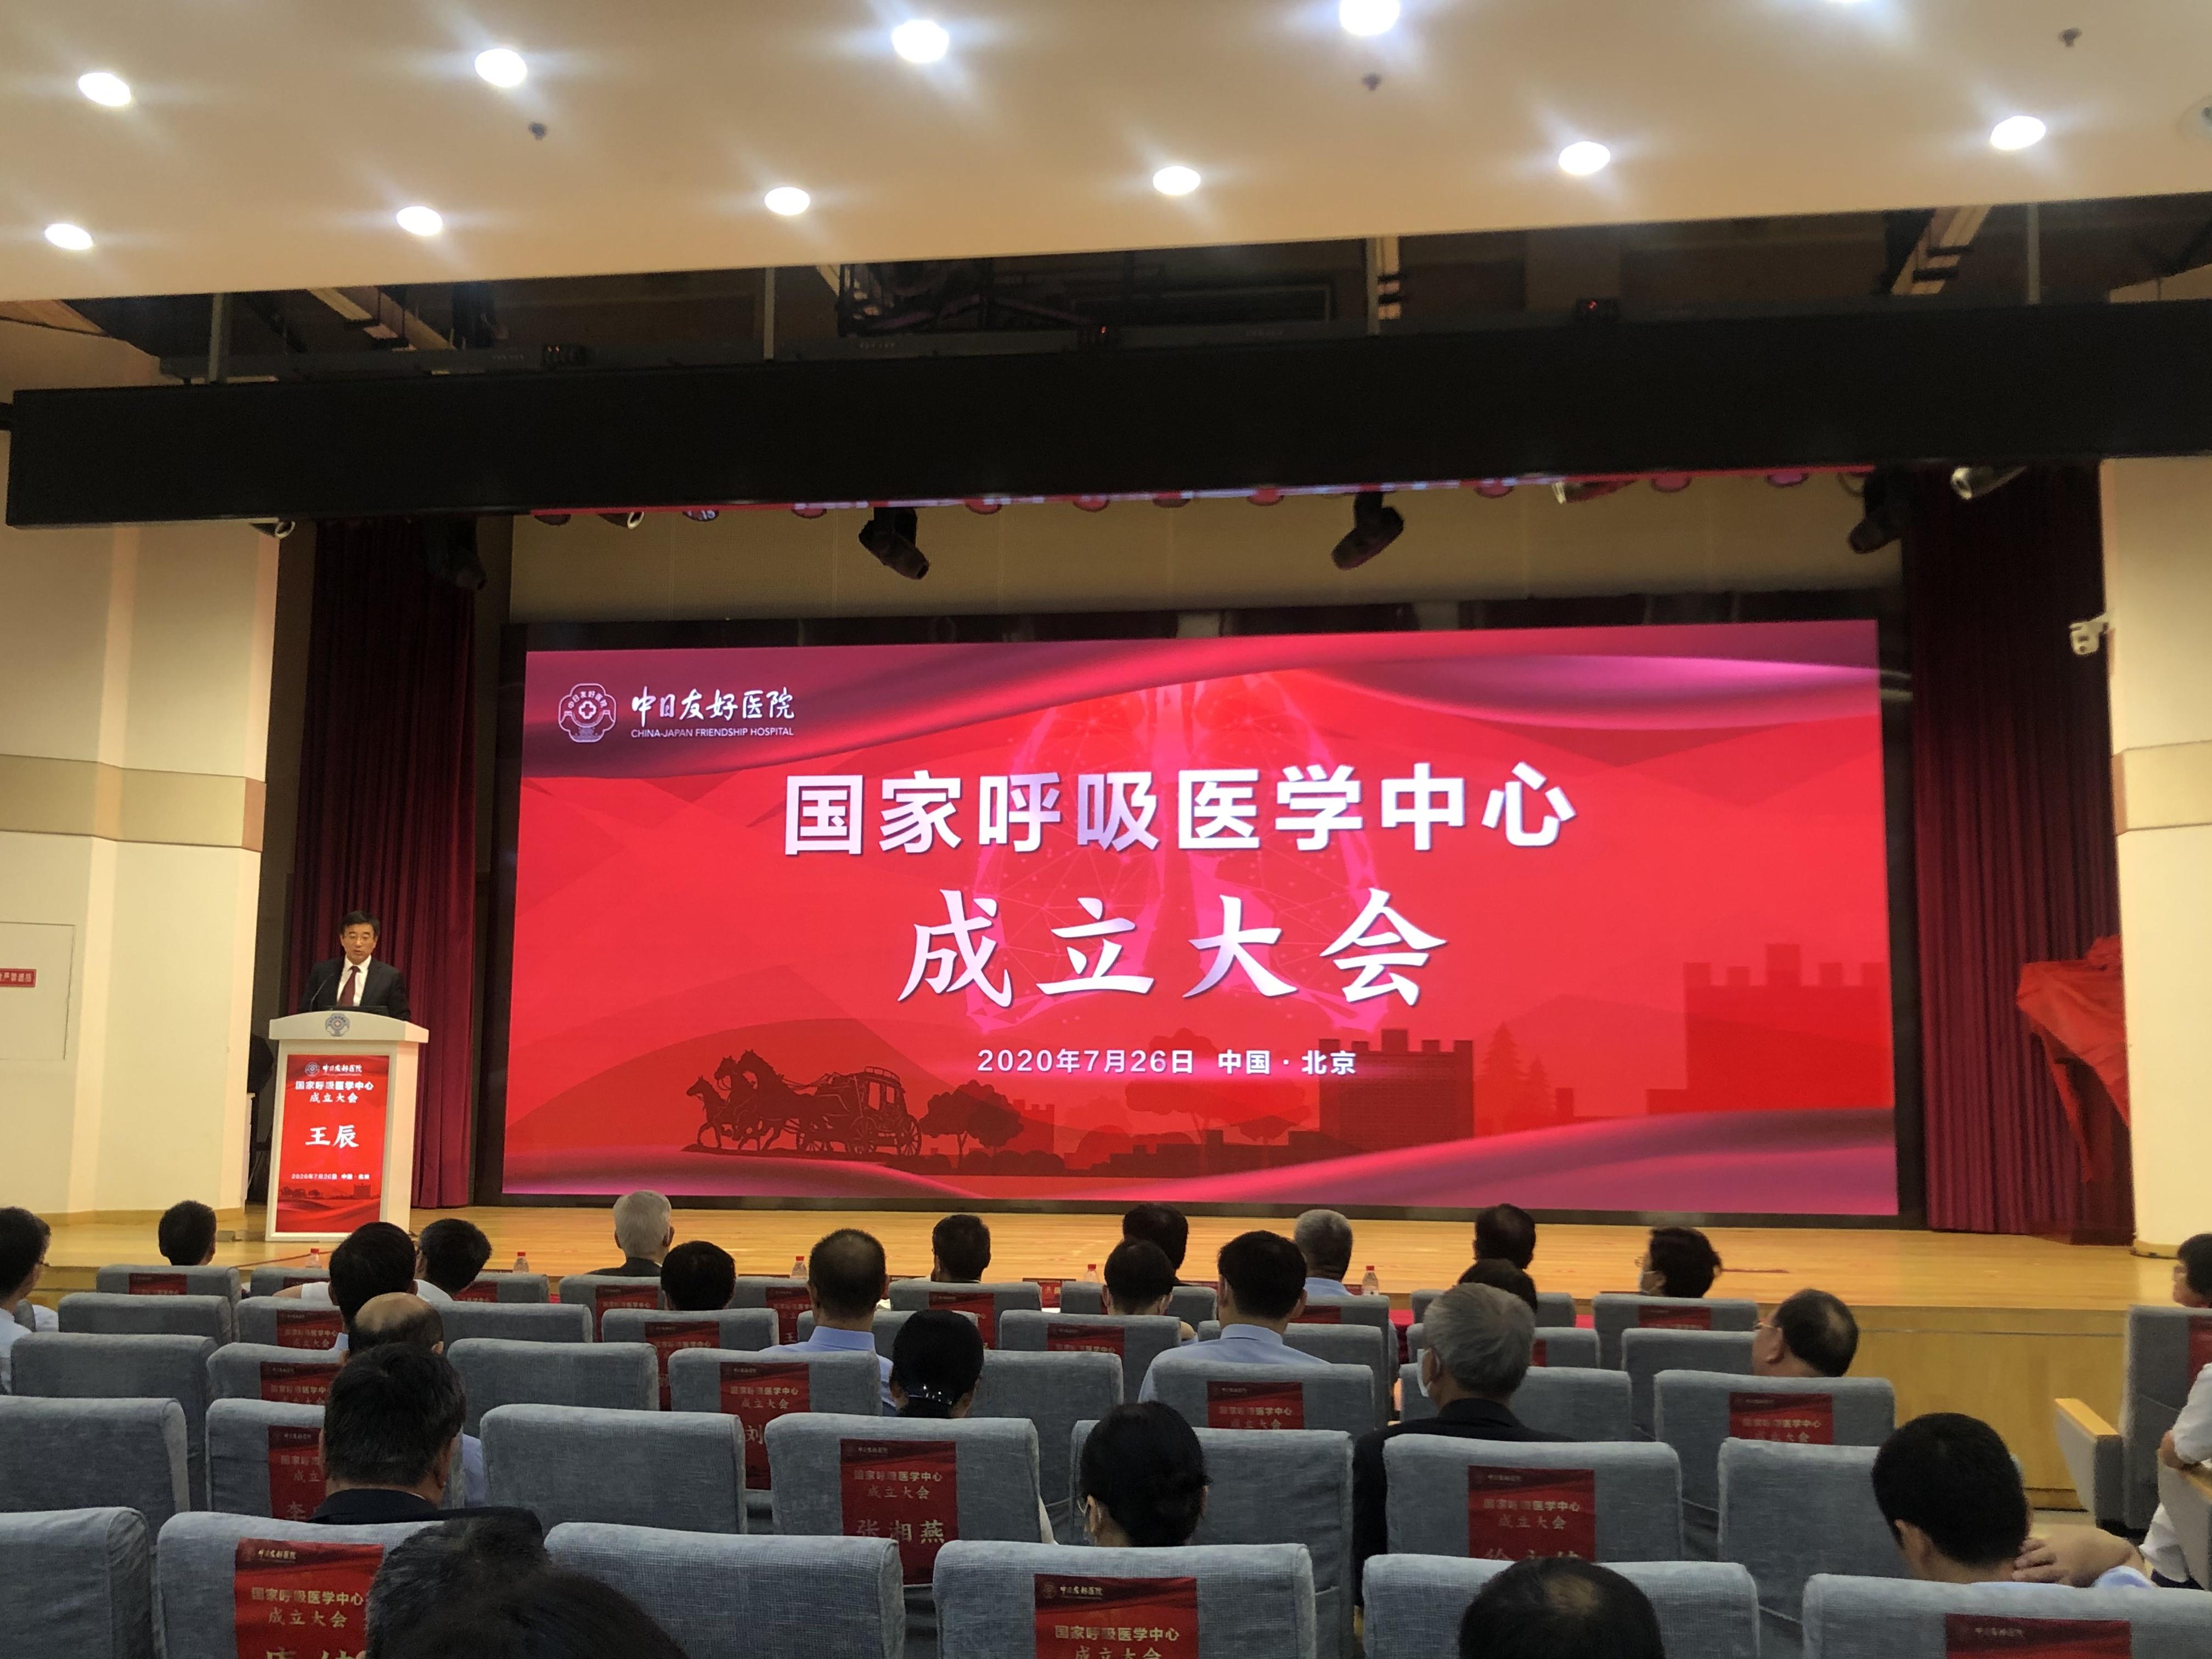 中国医学科学院-北京协和医学院校长王辰发言